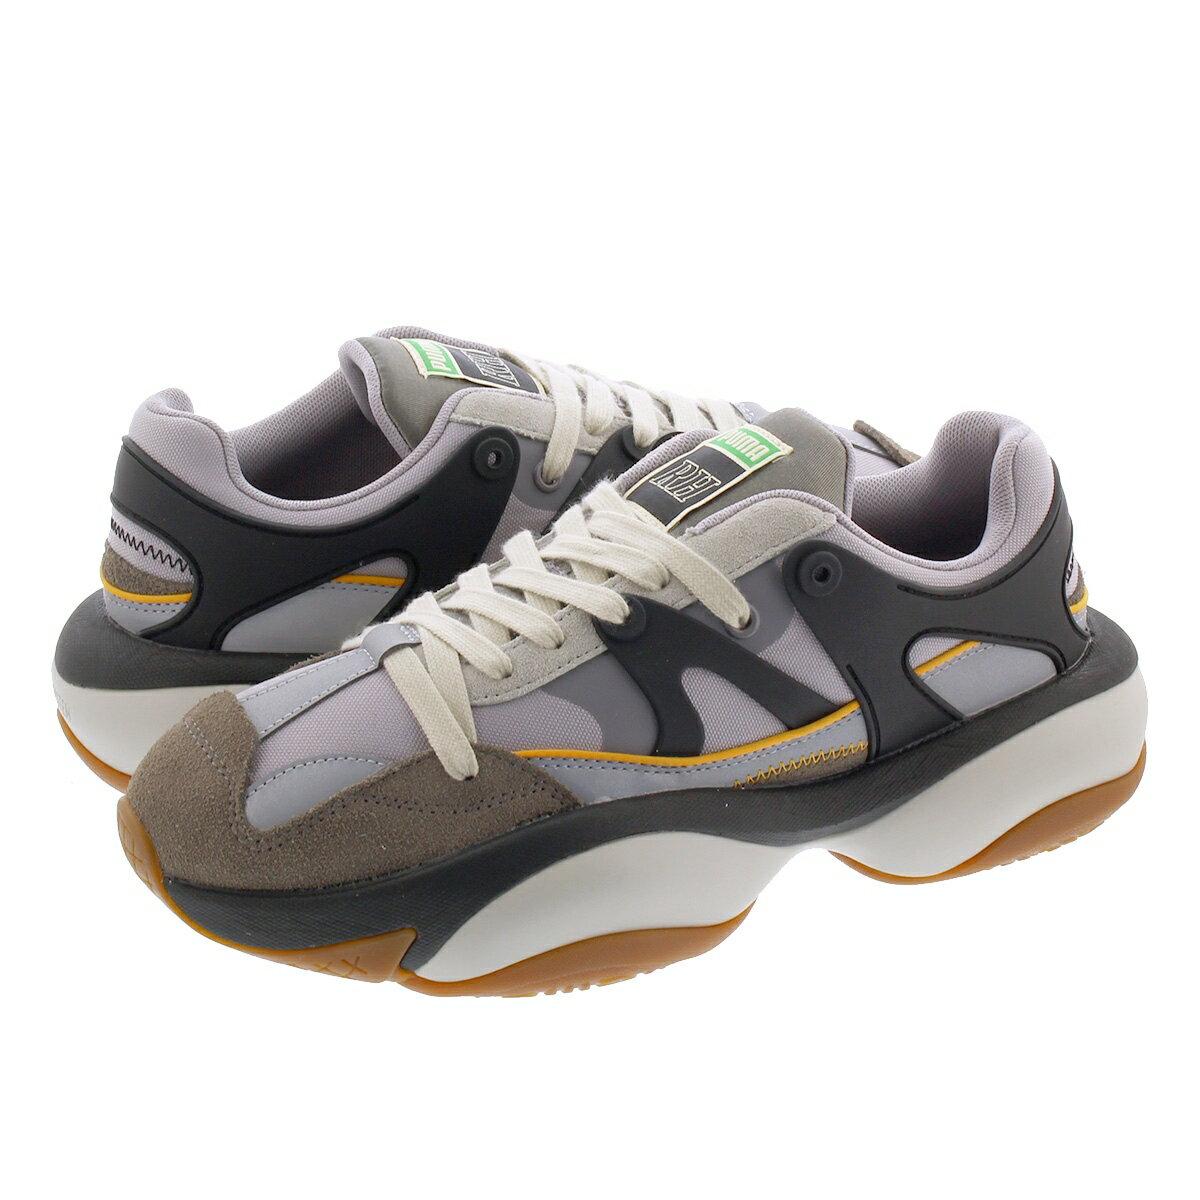 メンズ靴, スニーカー PUMA x RHUDE ALTERATION NU x NU STEEL GRAYDRIZZLE 371390-01